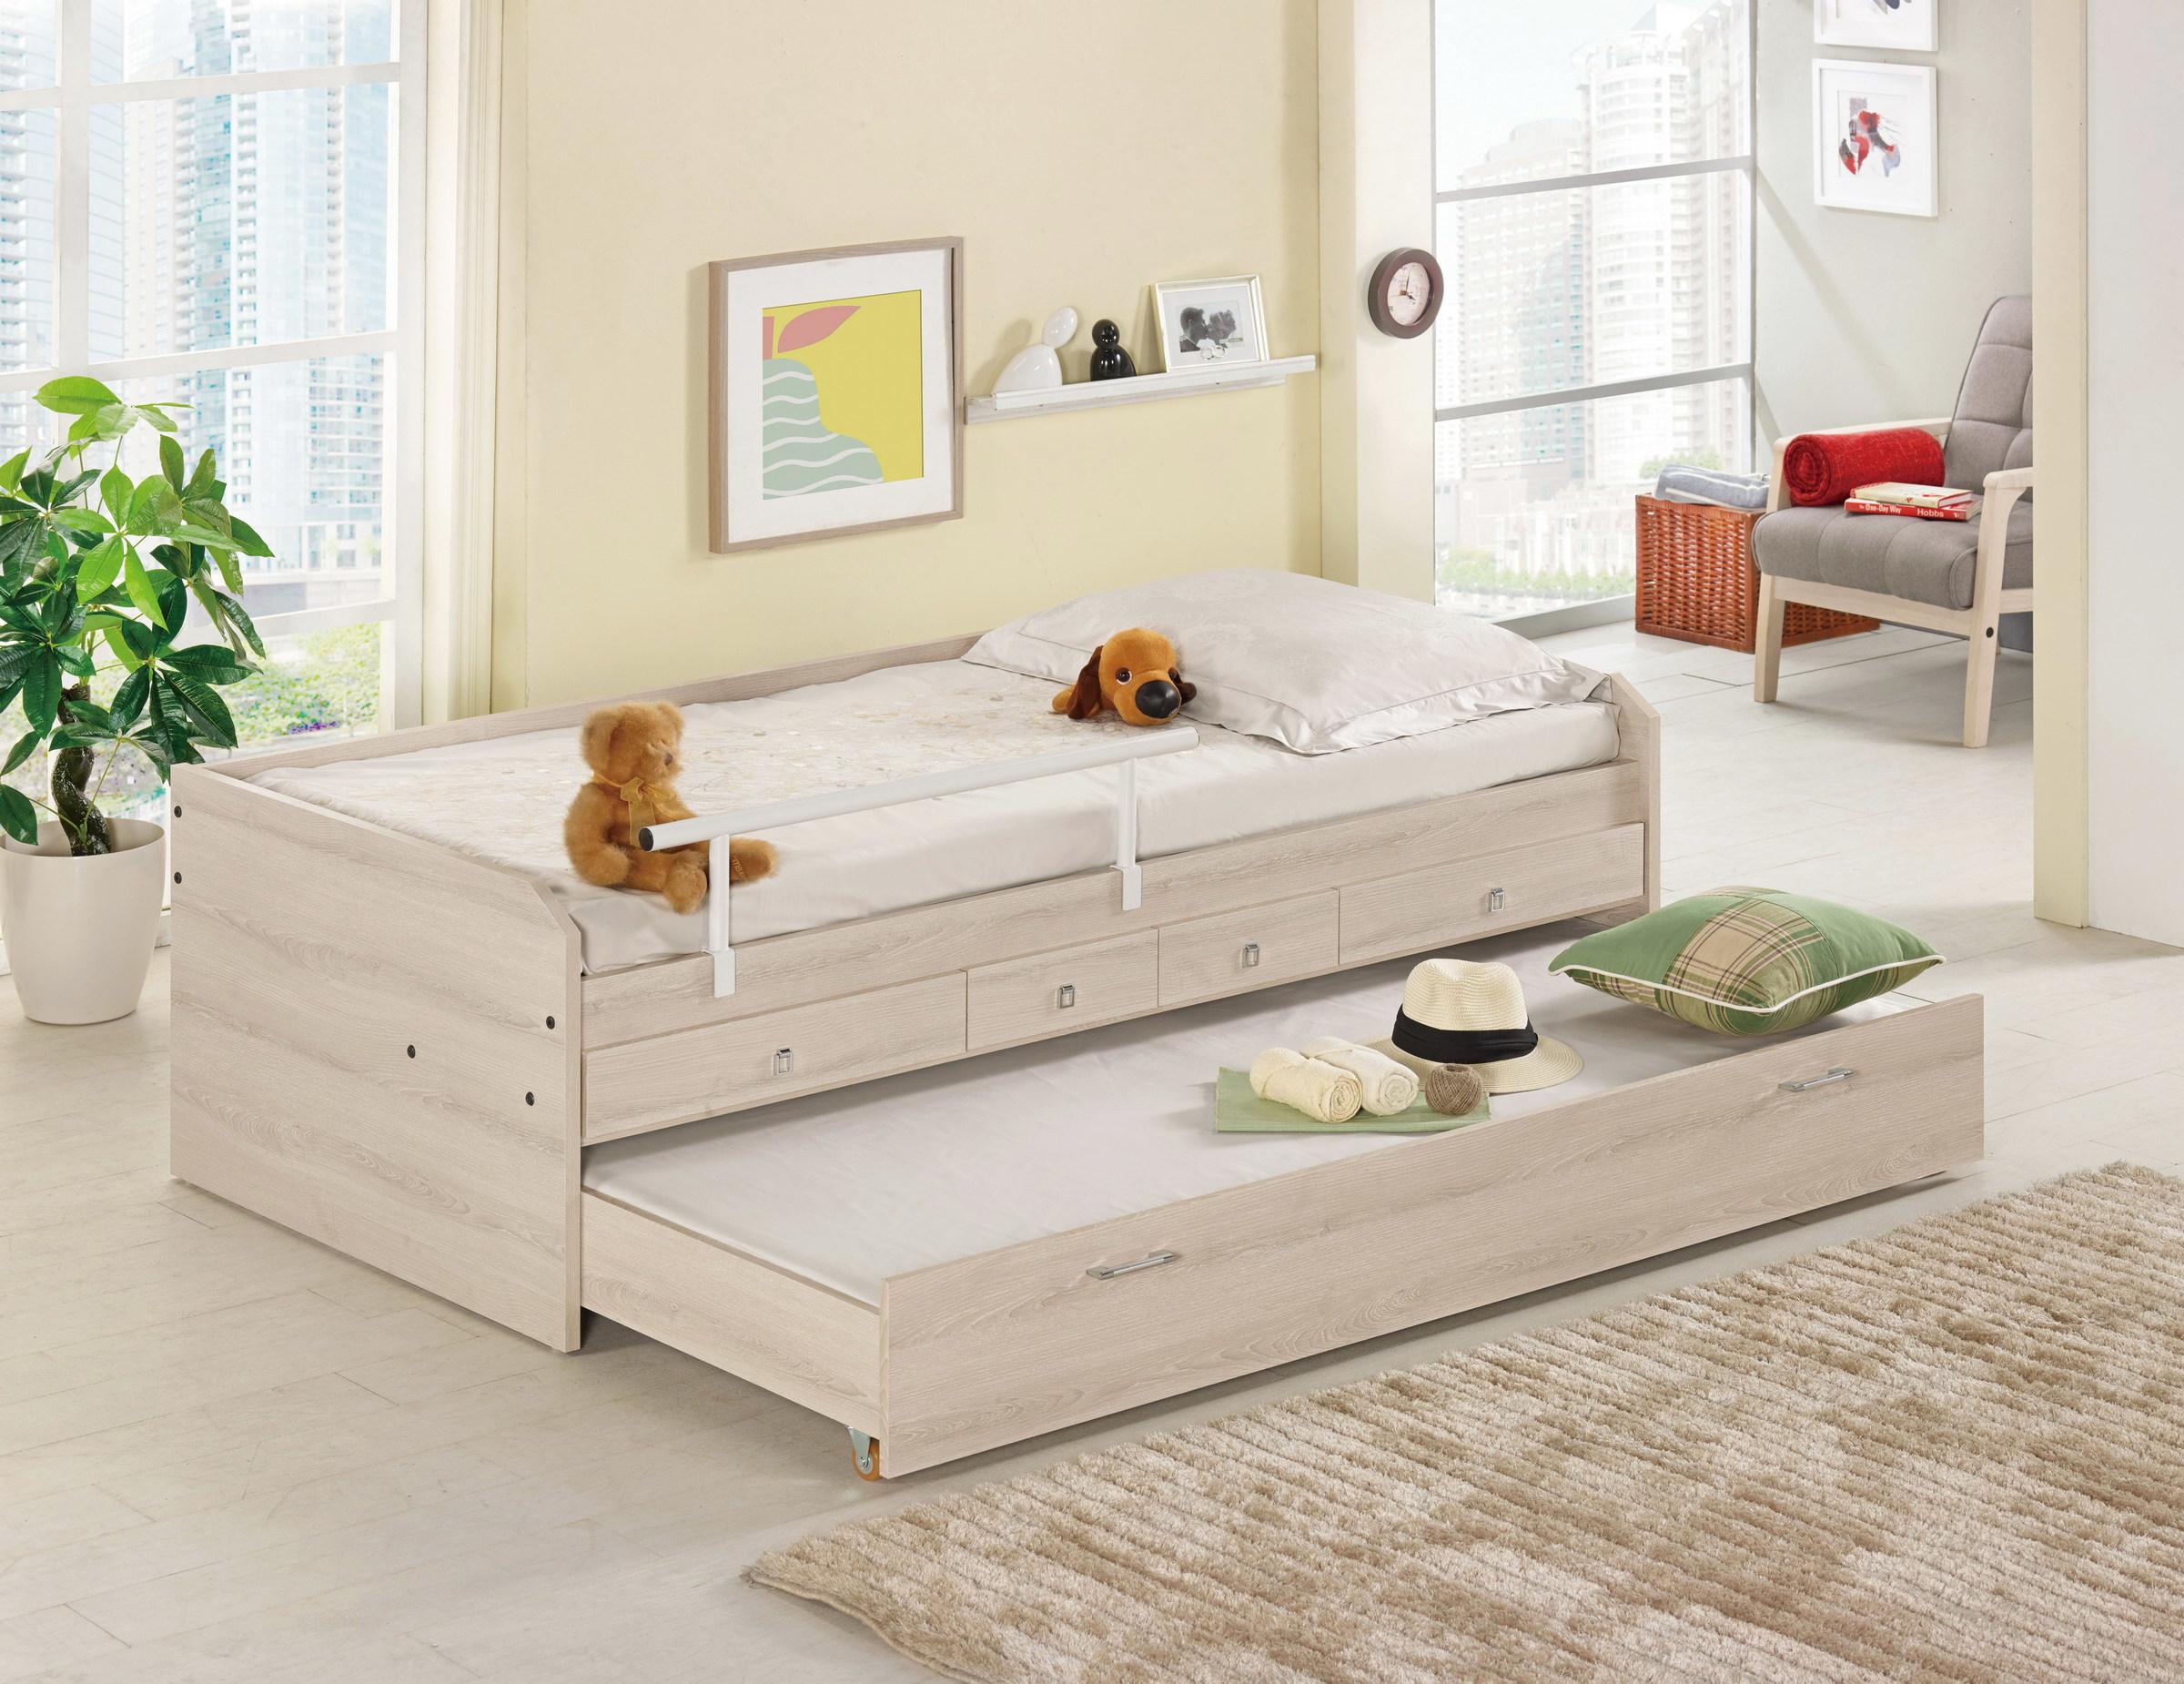 165-1 塔利斯3.3尺子母床.jpg